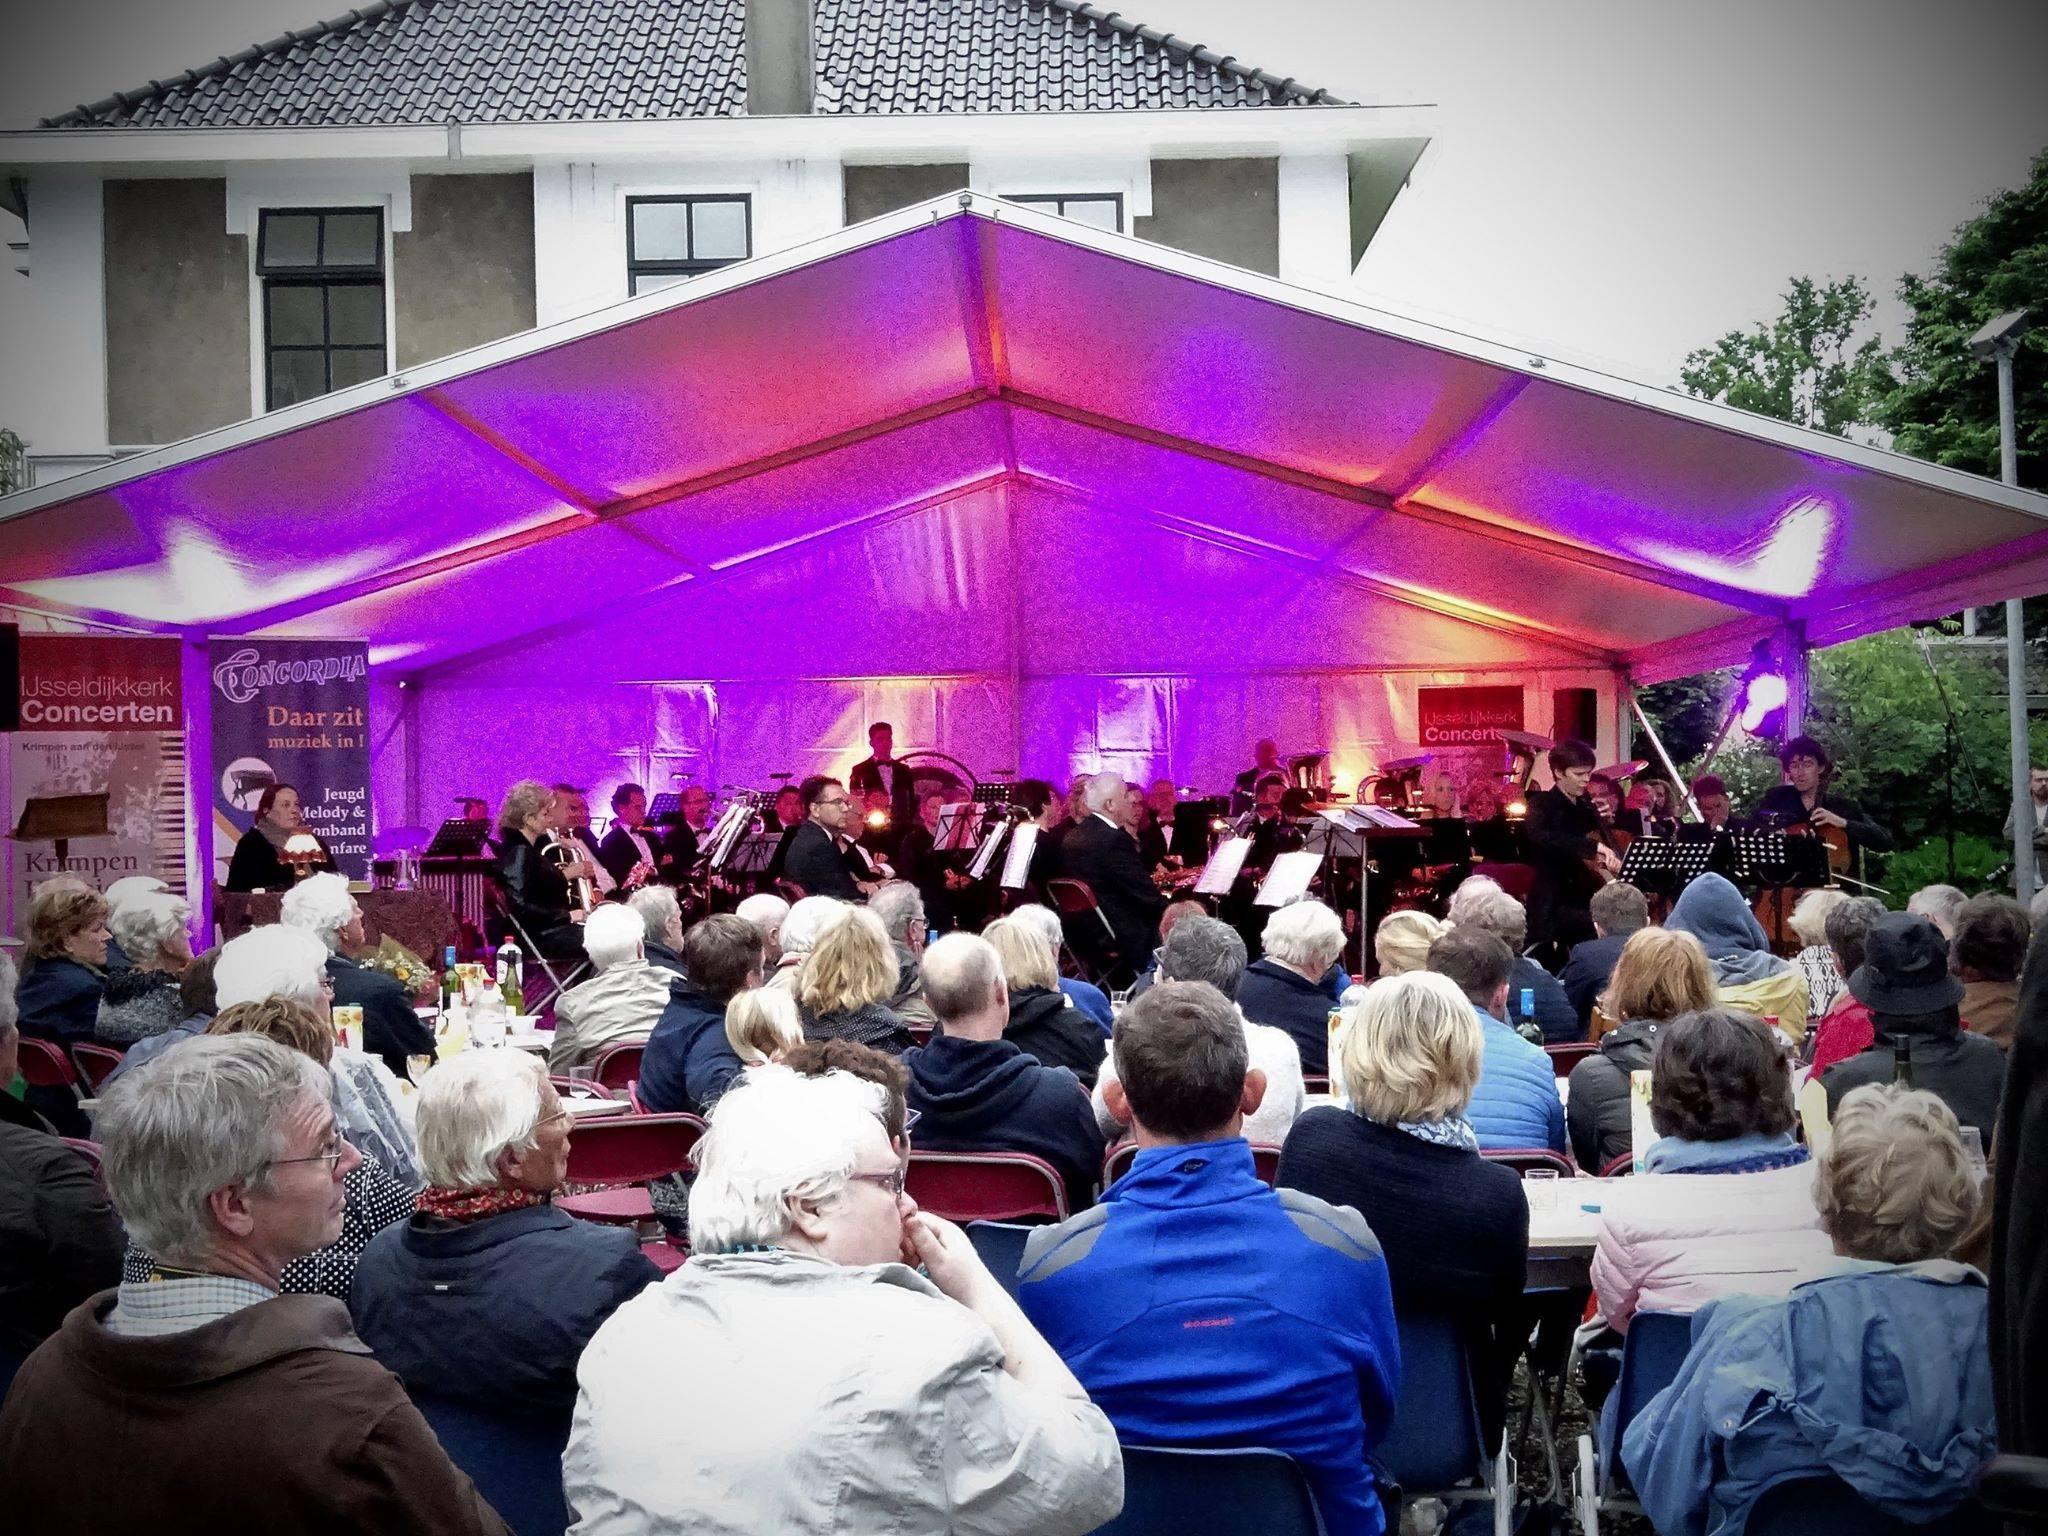 Midzomeravondconcert in tuin IJsseldijkkerk 🗓